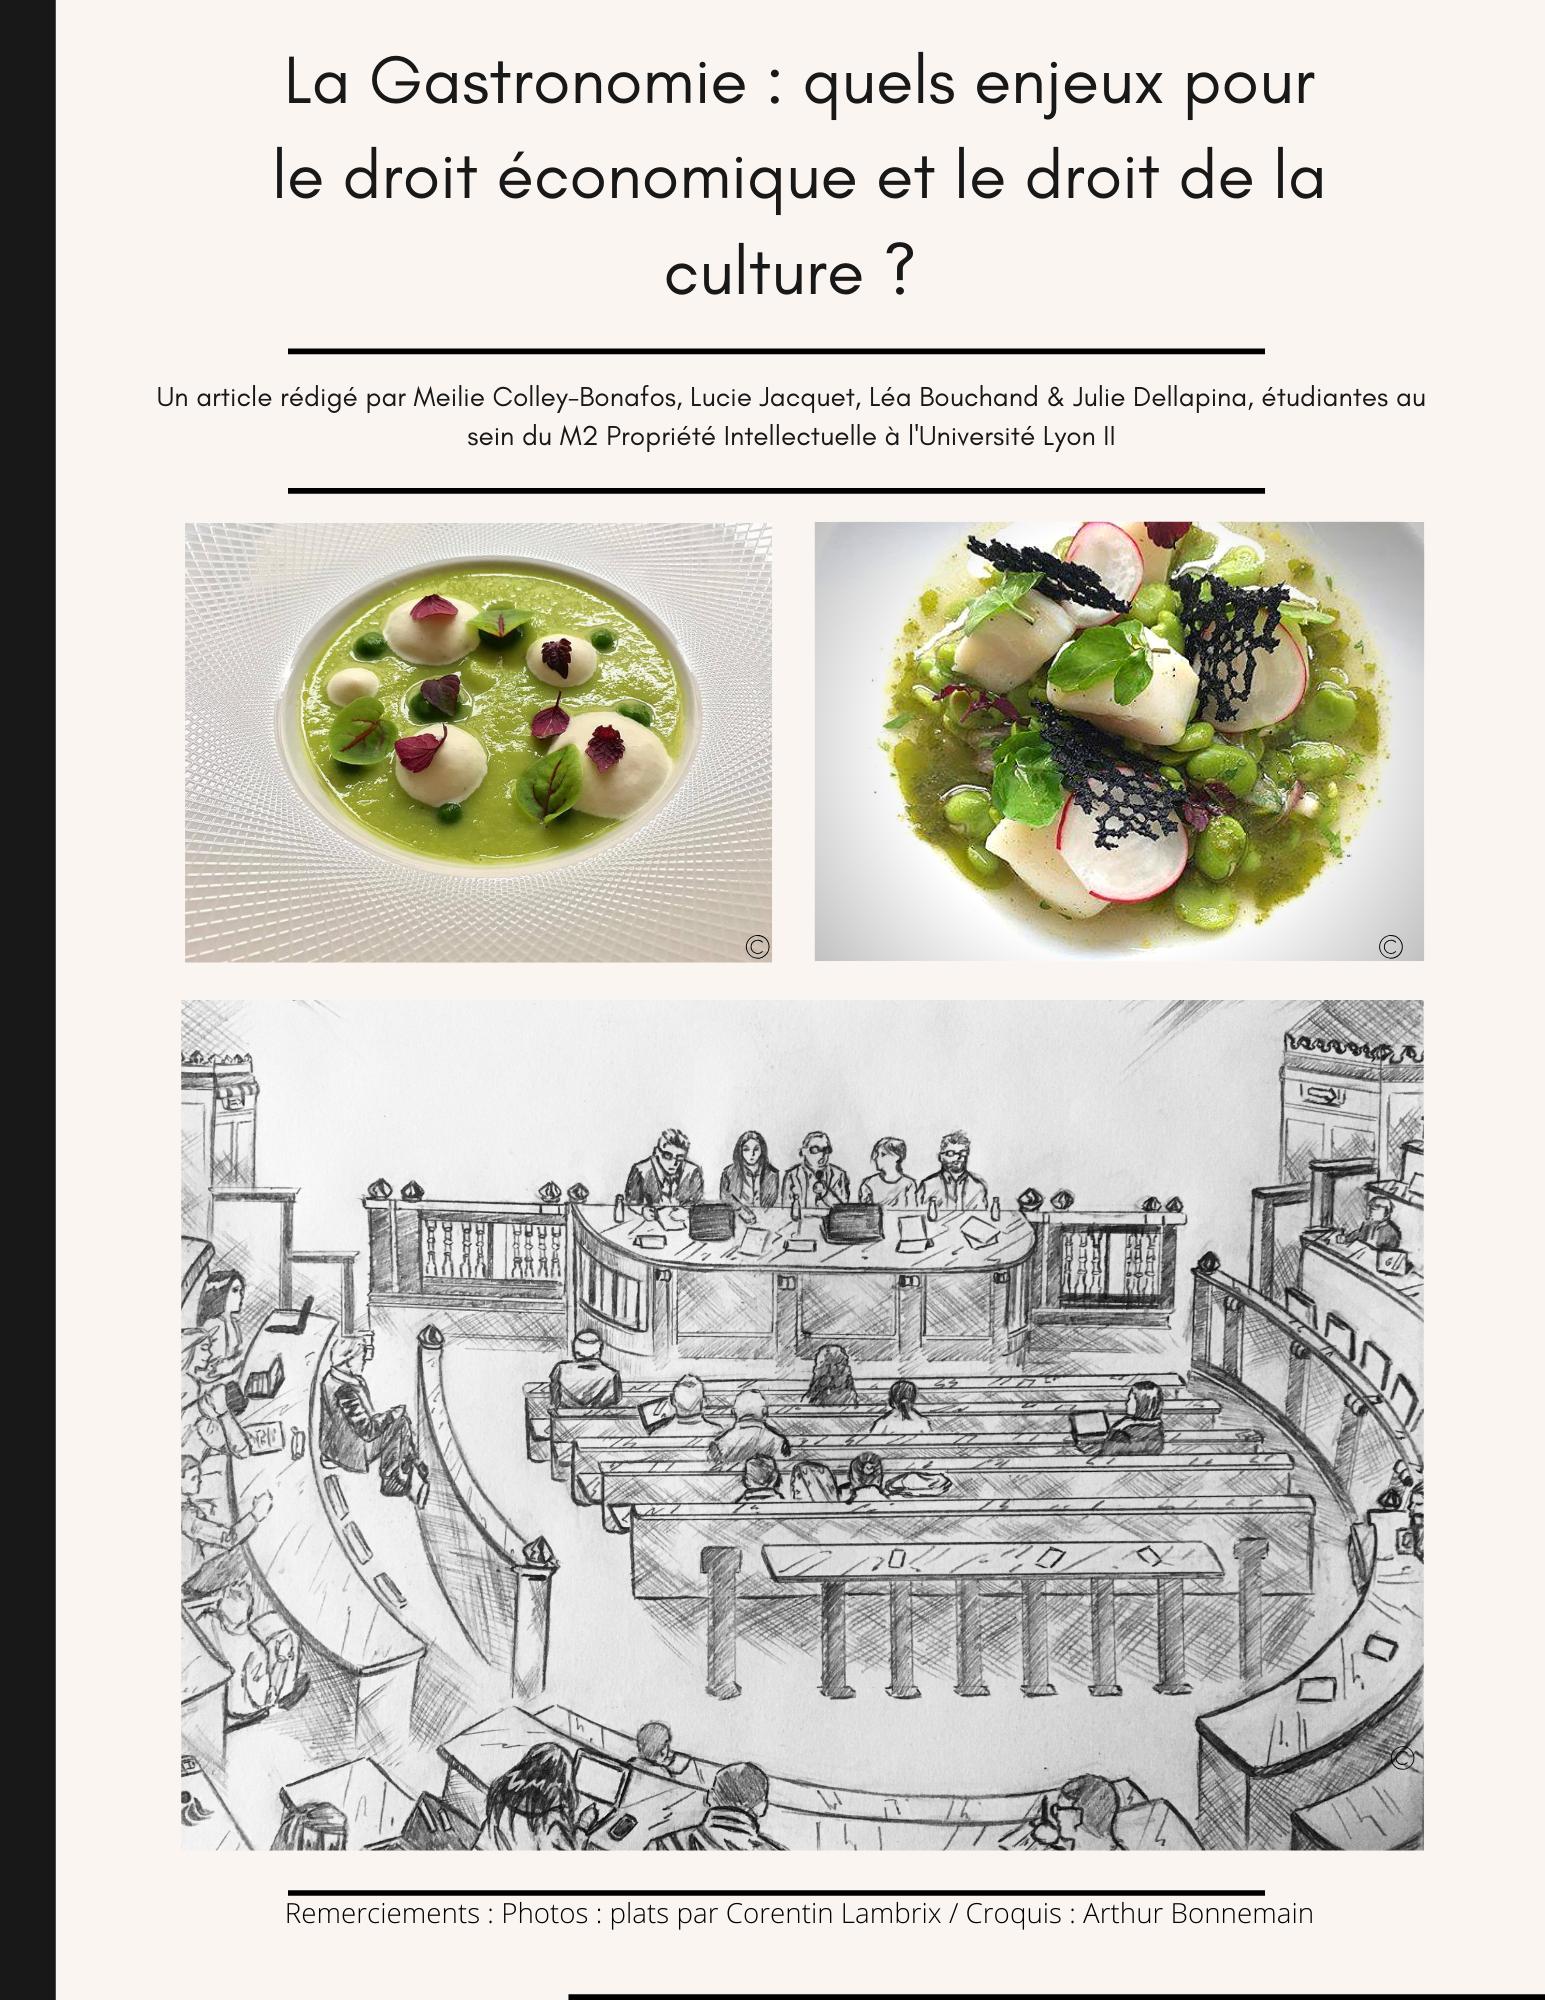 La Gastronomie : quels enjeux pour le droit économique et le droit de la culture